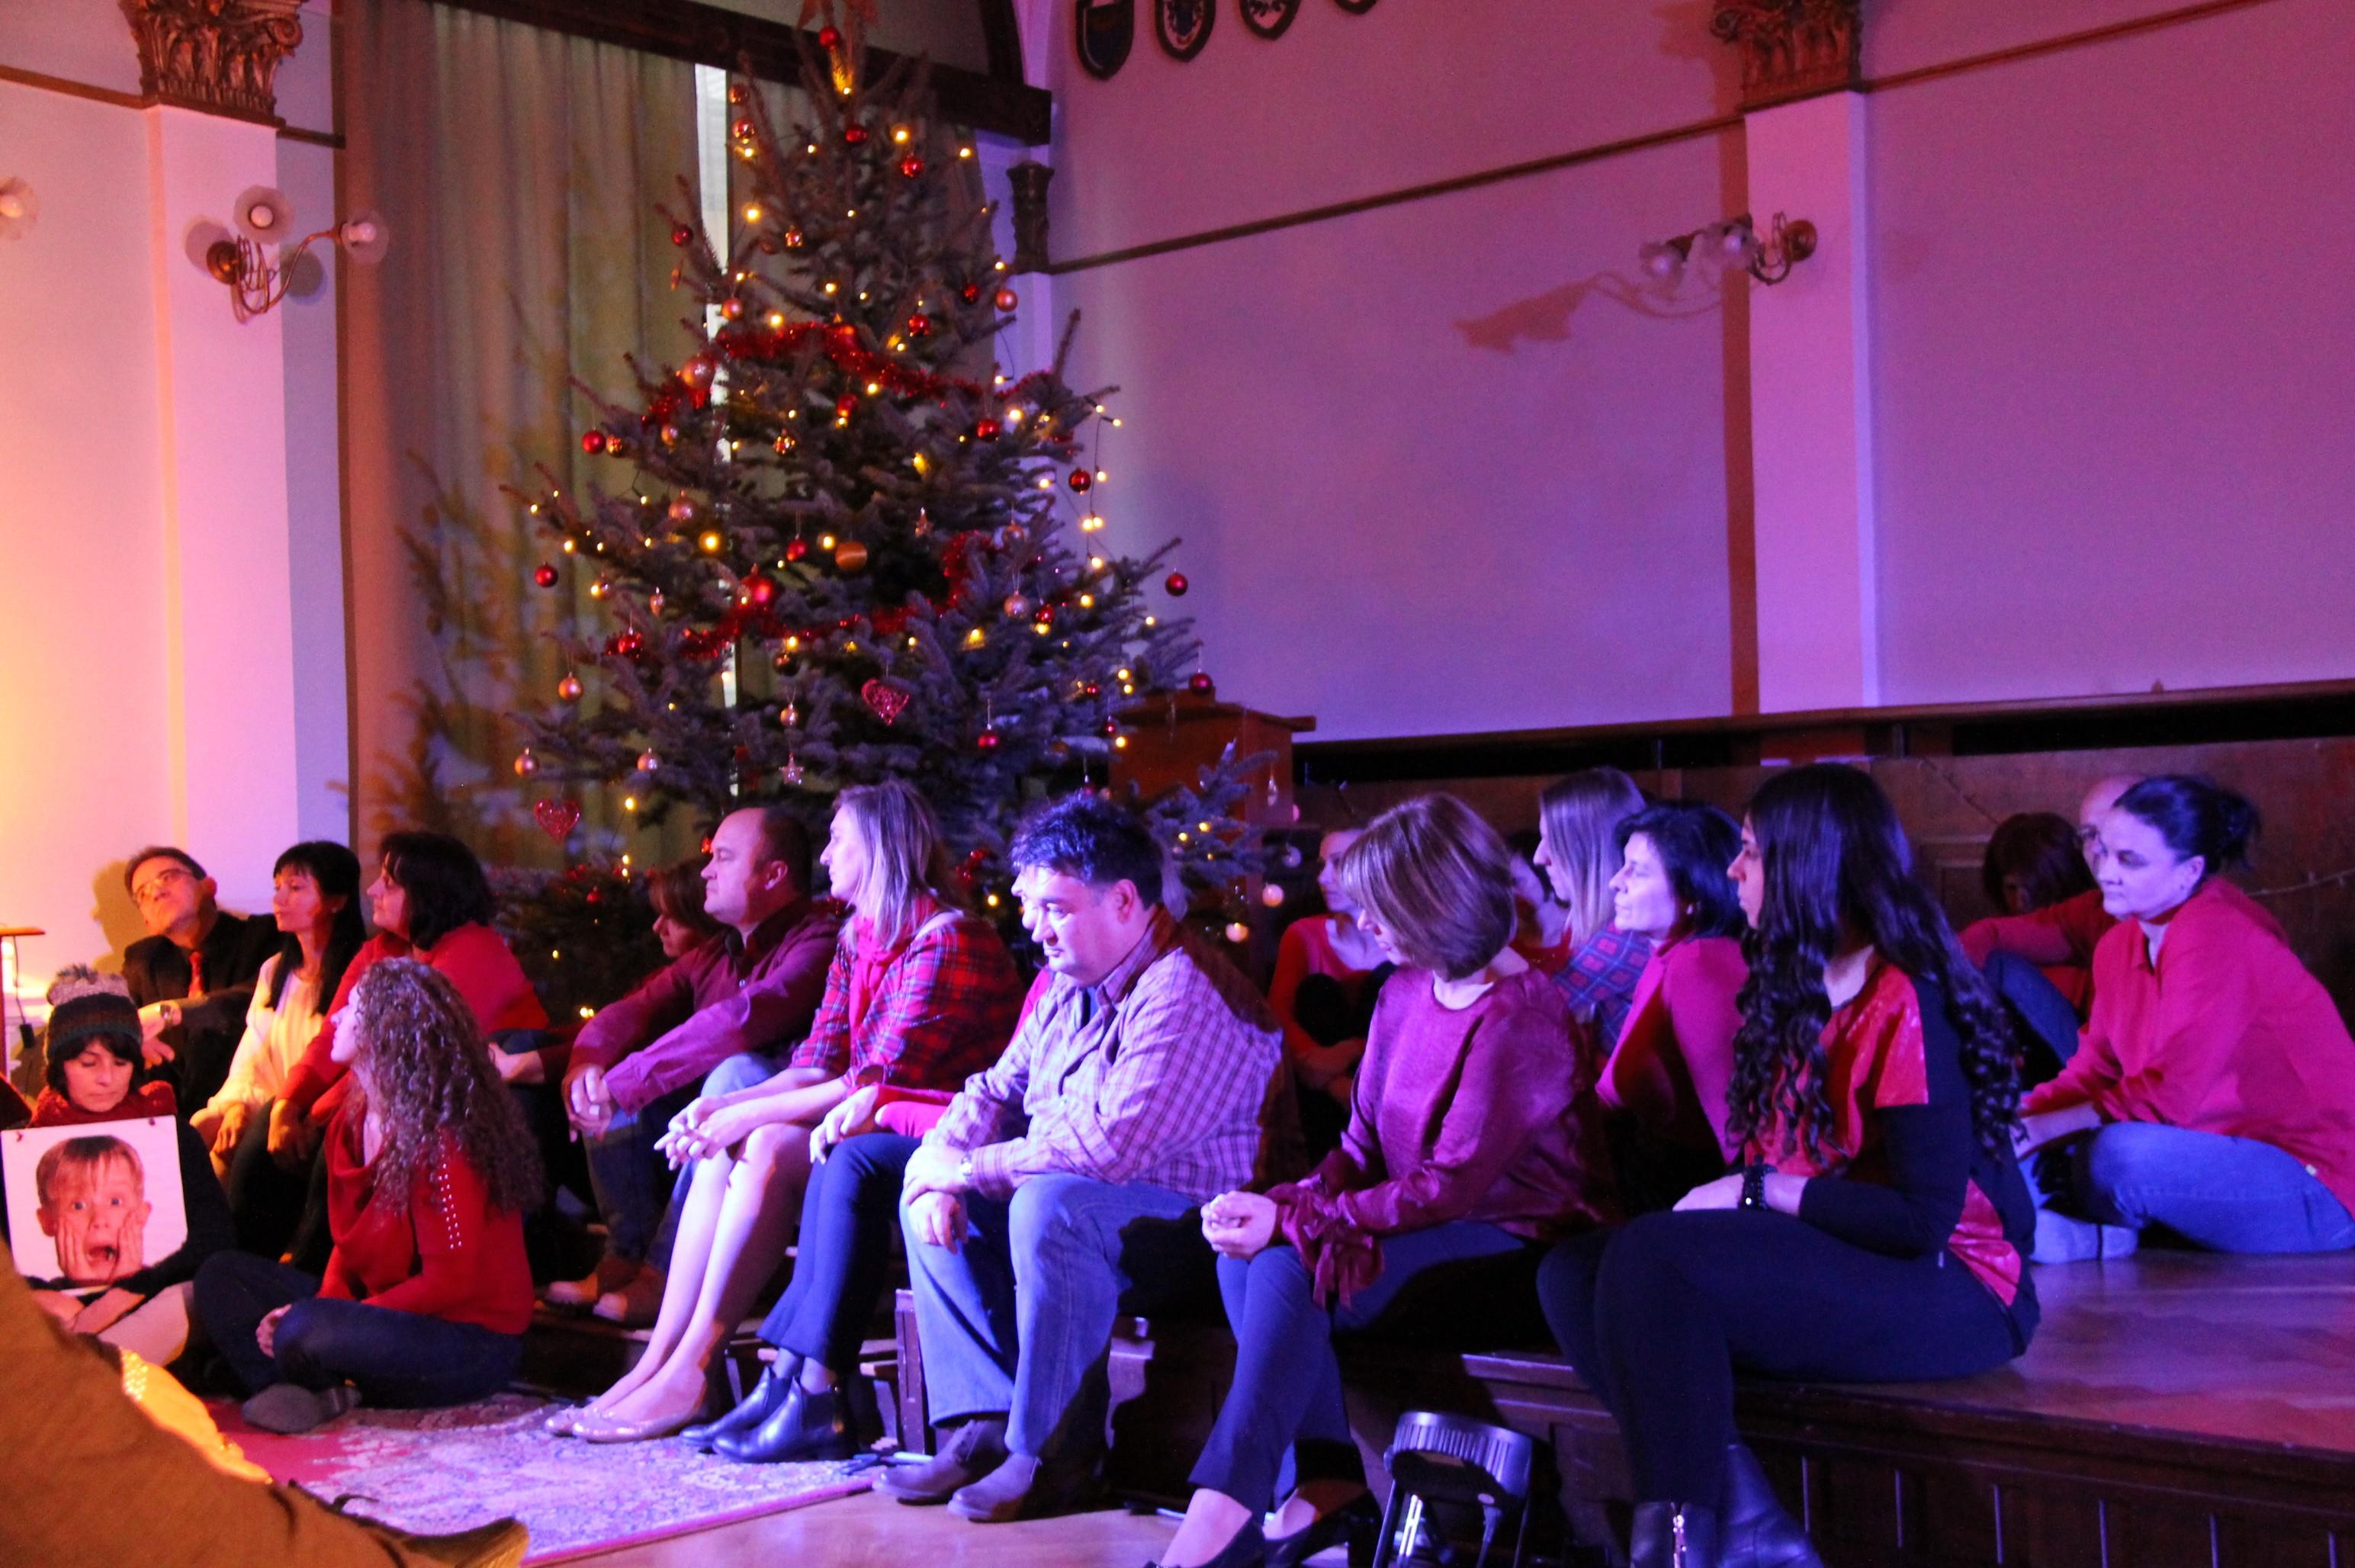 Karácsonyi ünnepség a Jász-Nagykun-Szolnok megyei Kormányhivatalban